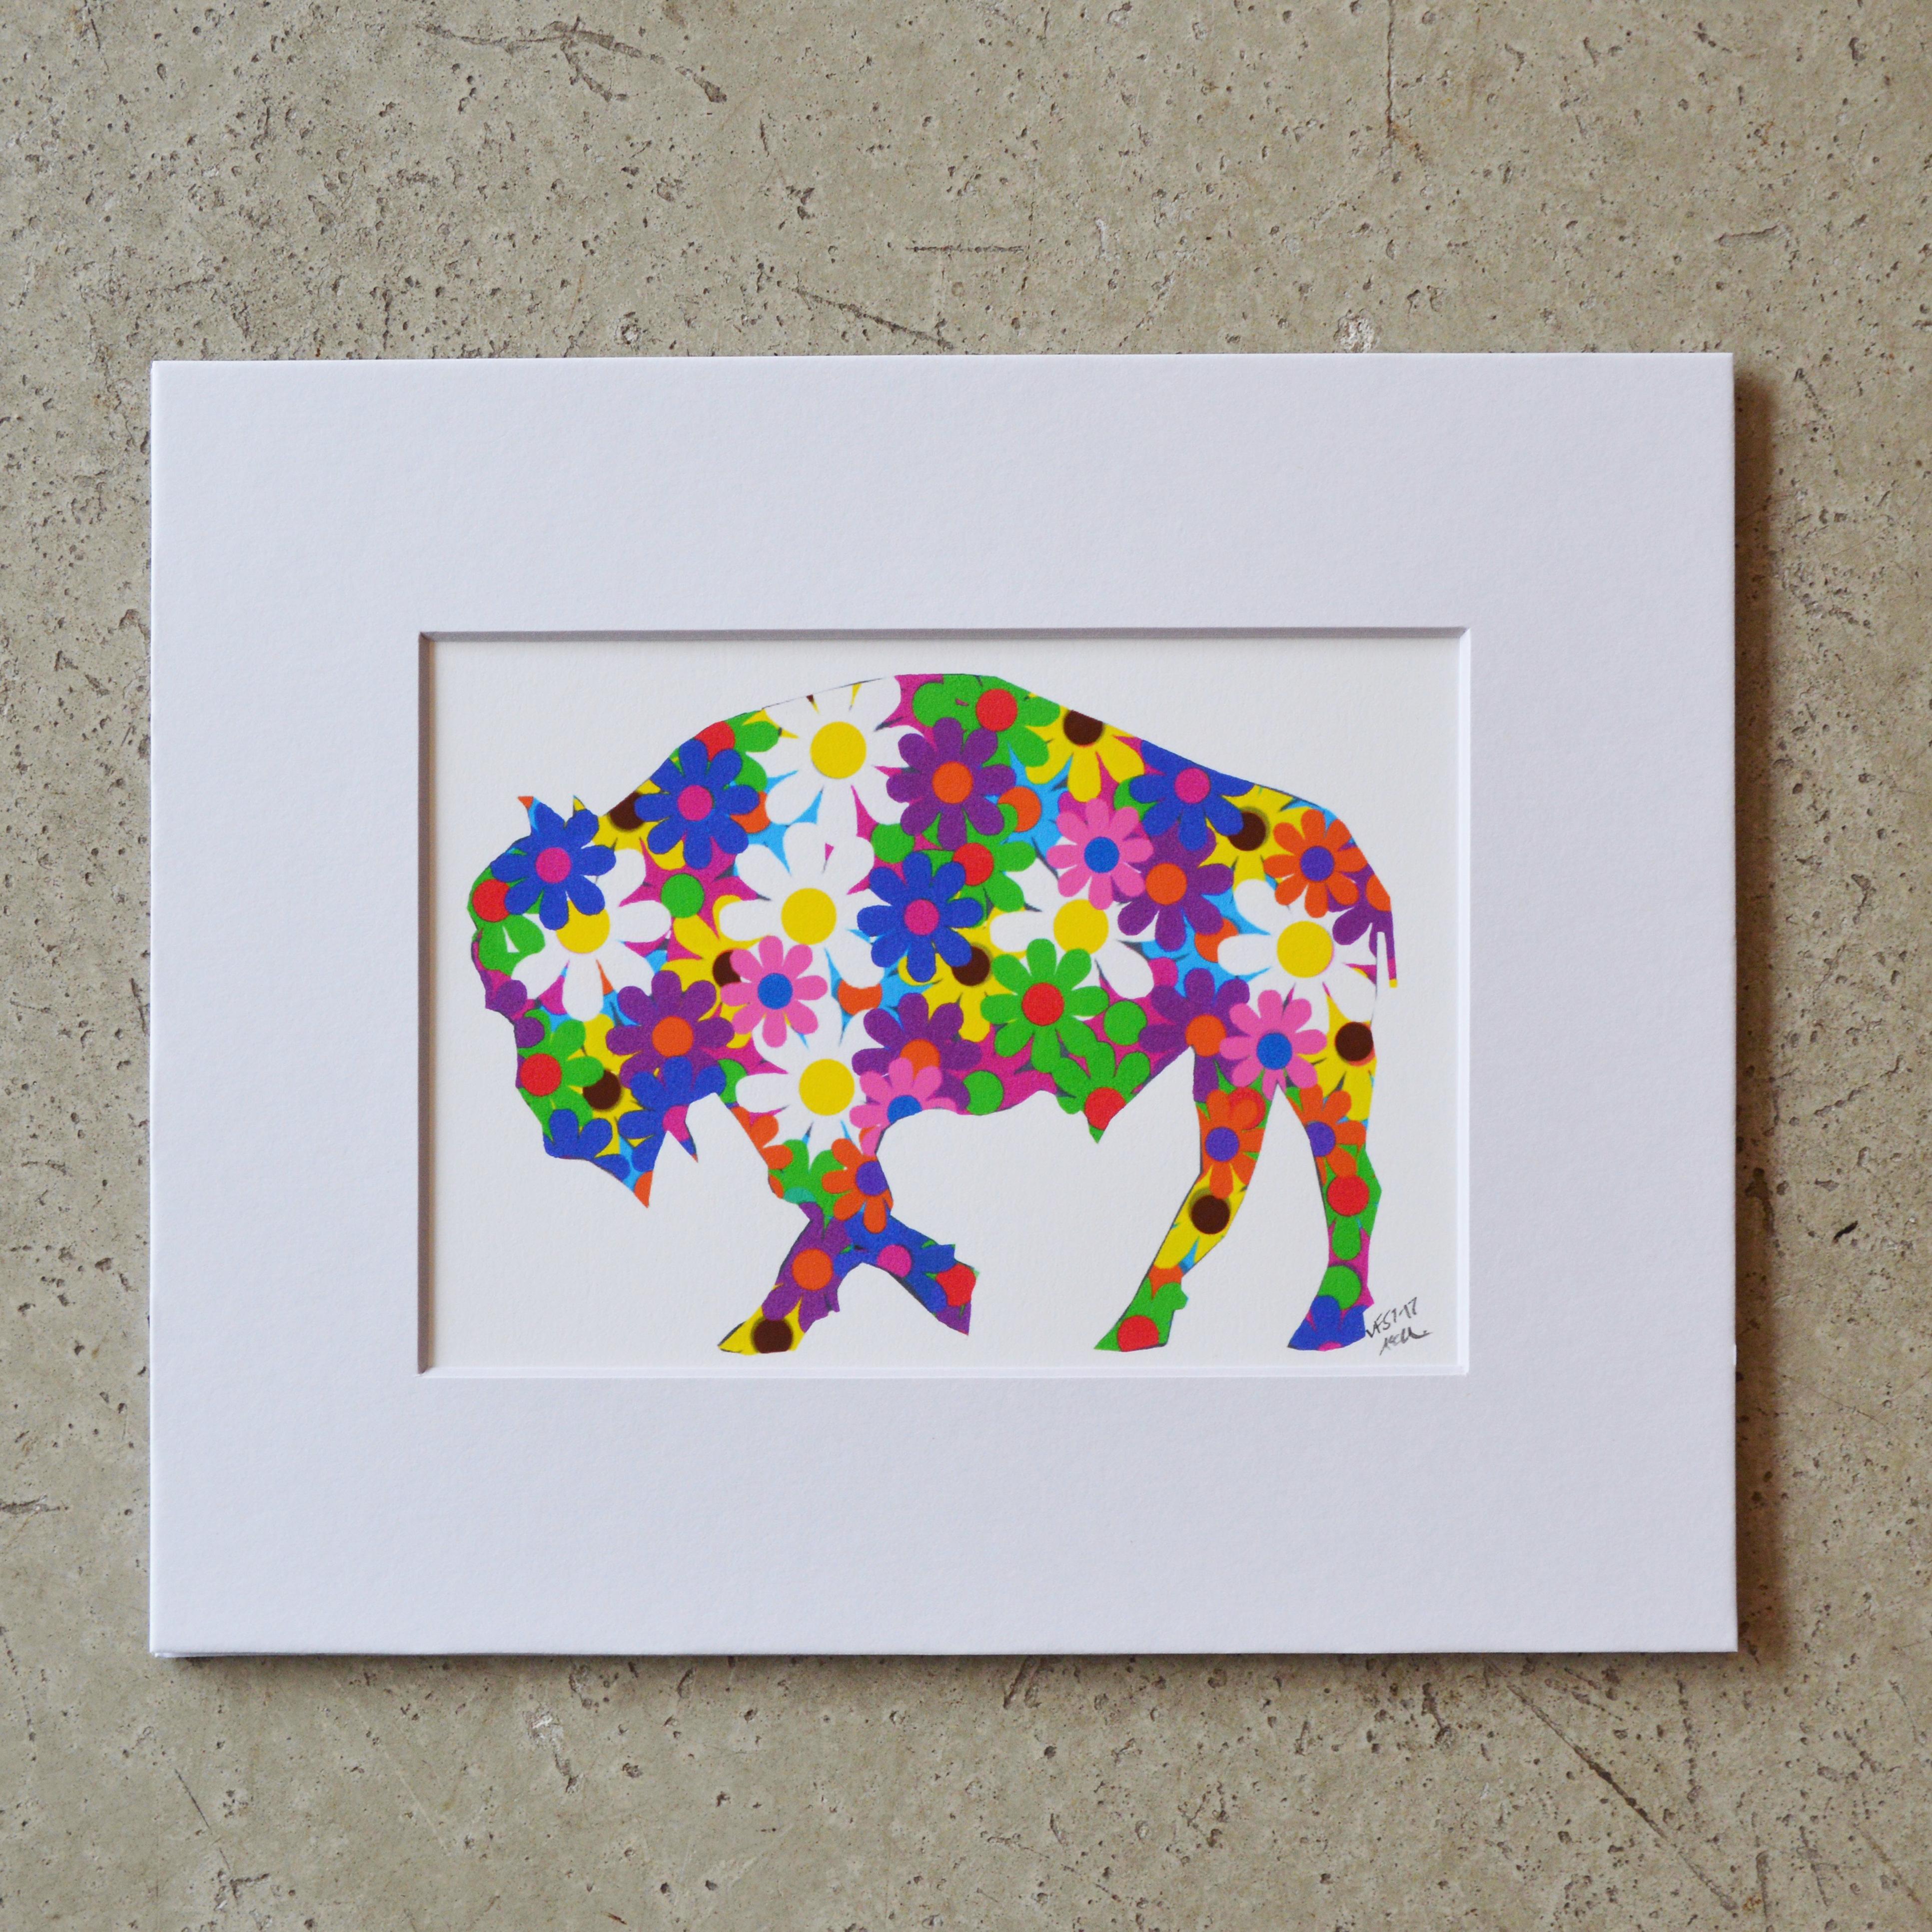 buffalo ny wall art made in buffalo